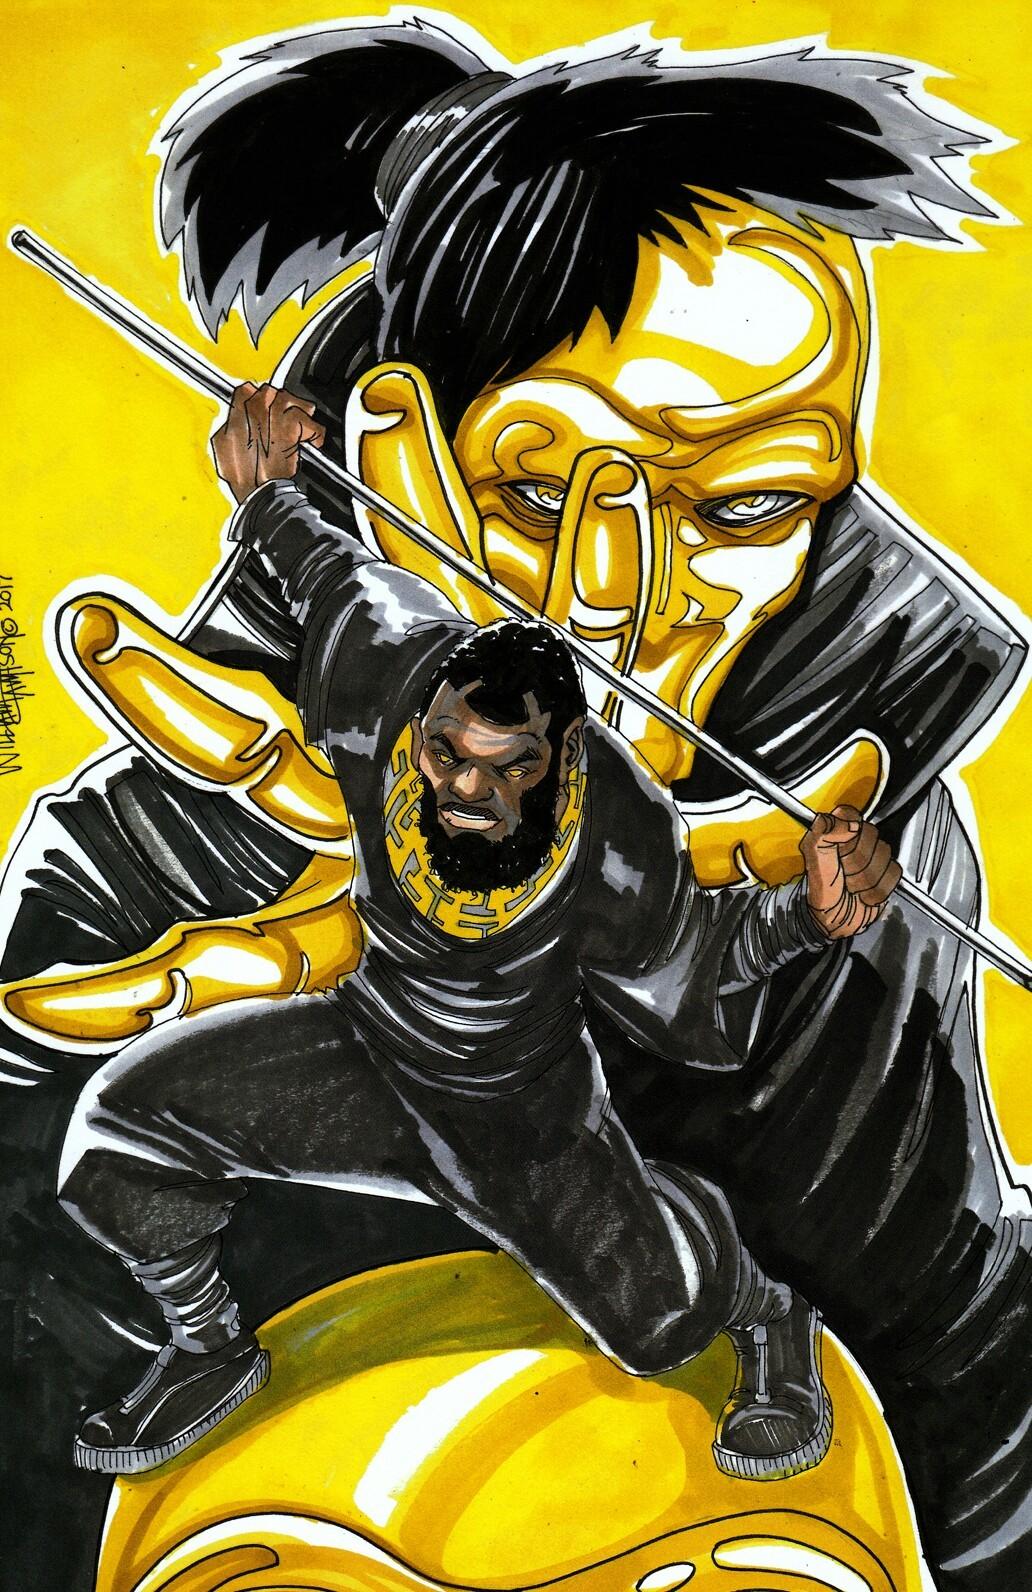 Afromation art huemans goldface 2